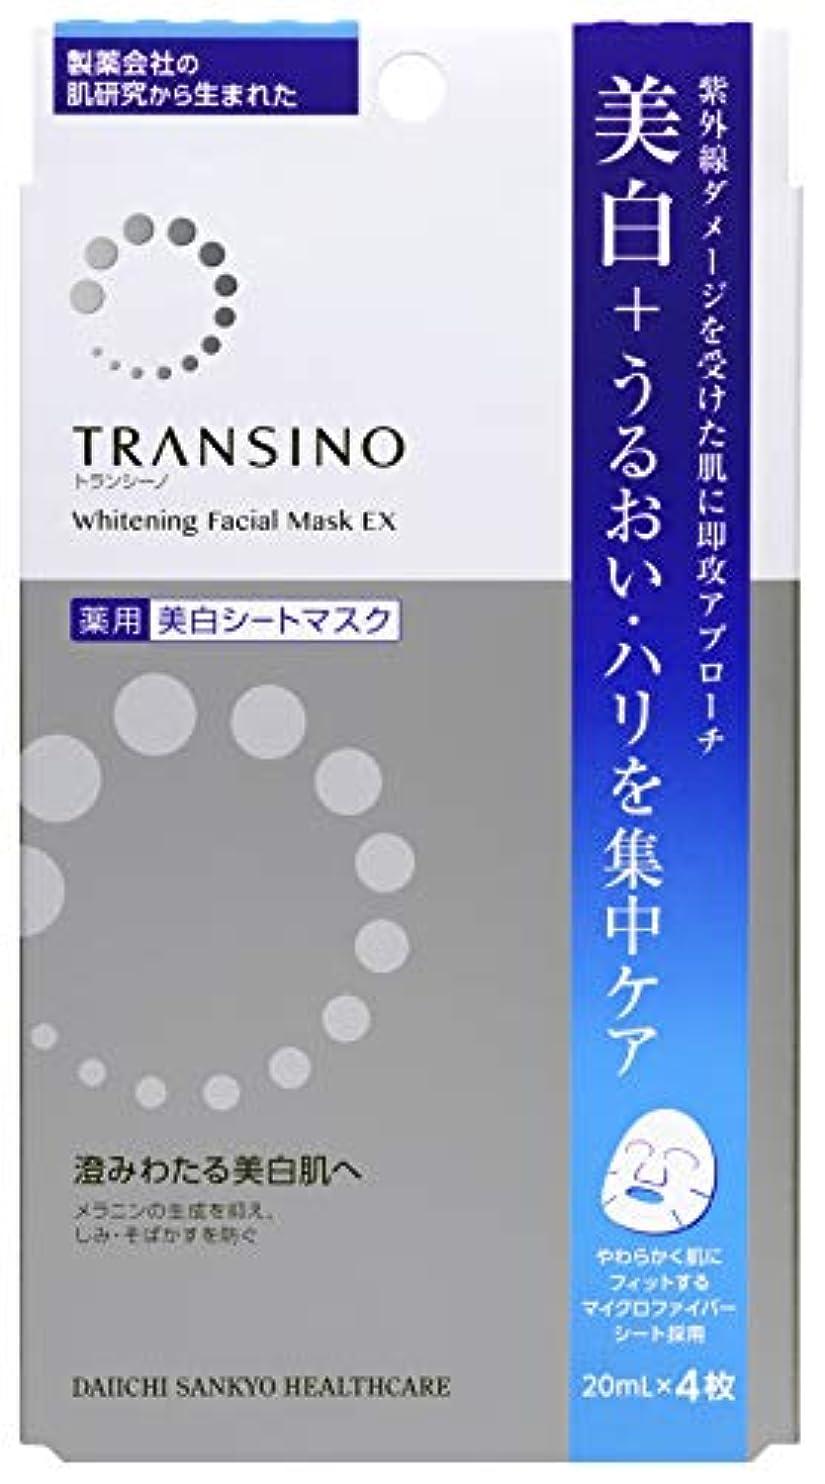 冷える骨髄スキップ第一三共ヘルスケア トランシーノ薬用ホワイトニングフェイシャルマスクEX 4枚